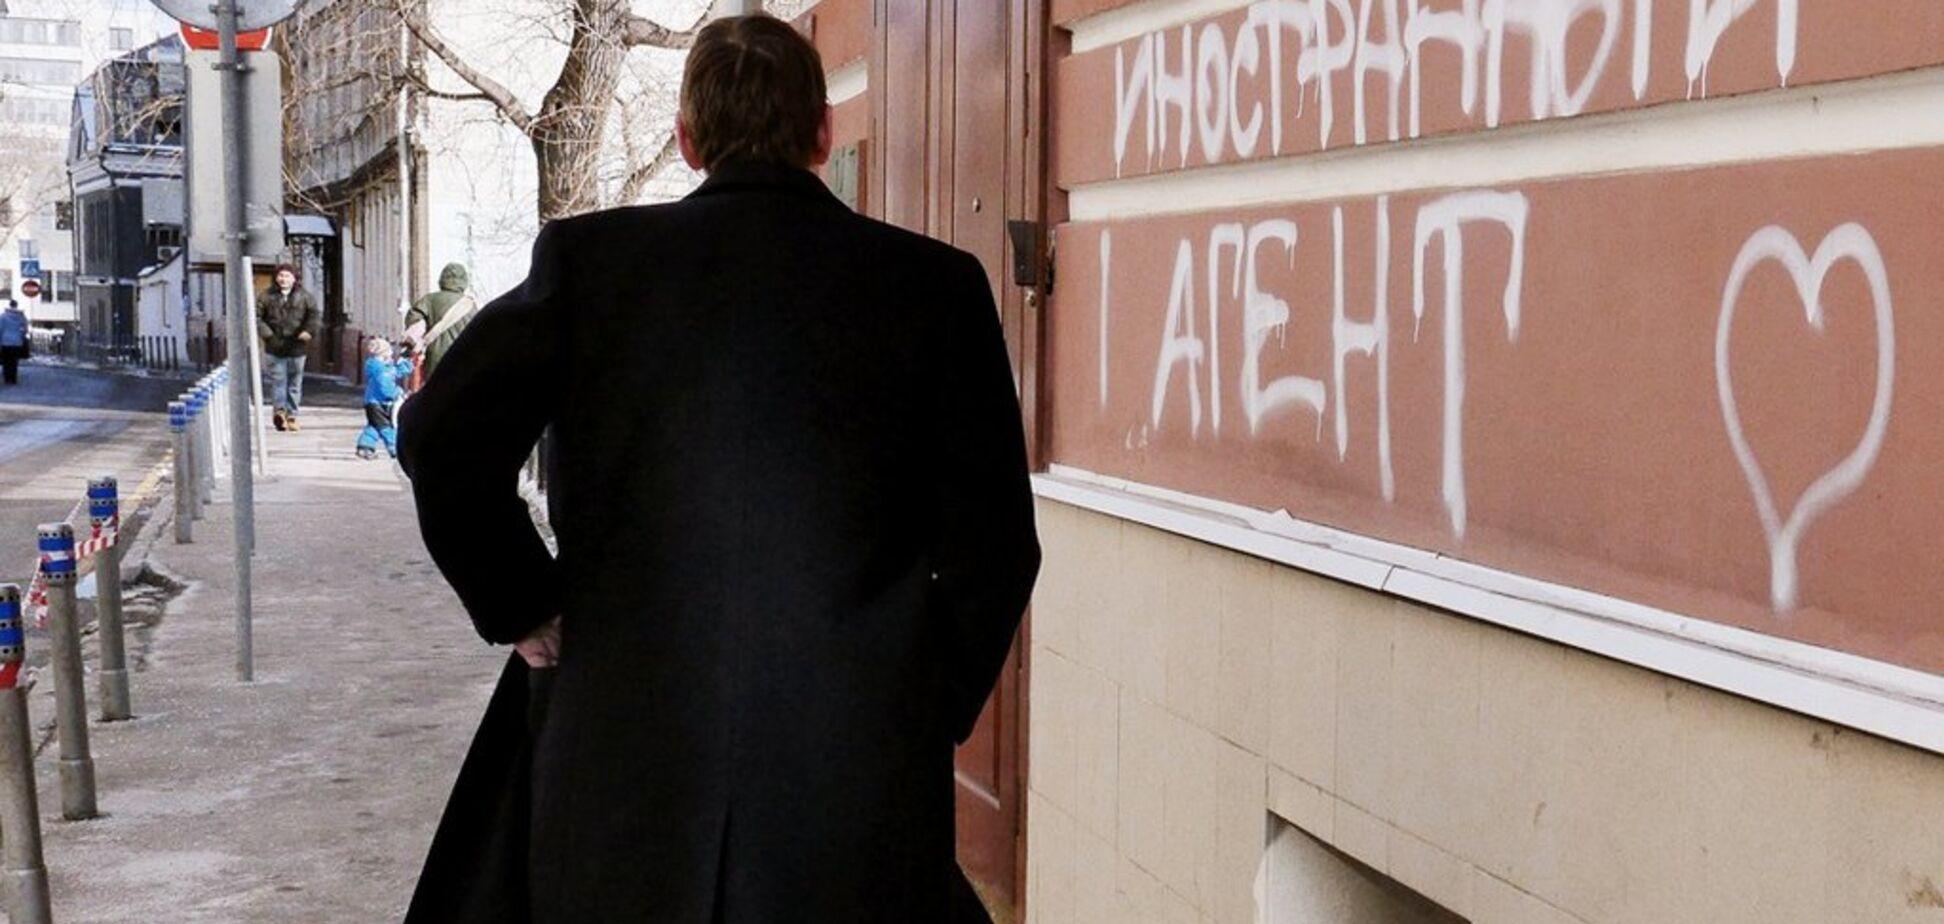 'Змусять замовкнути?' Відомий політик передрік масові арешти в Росії